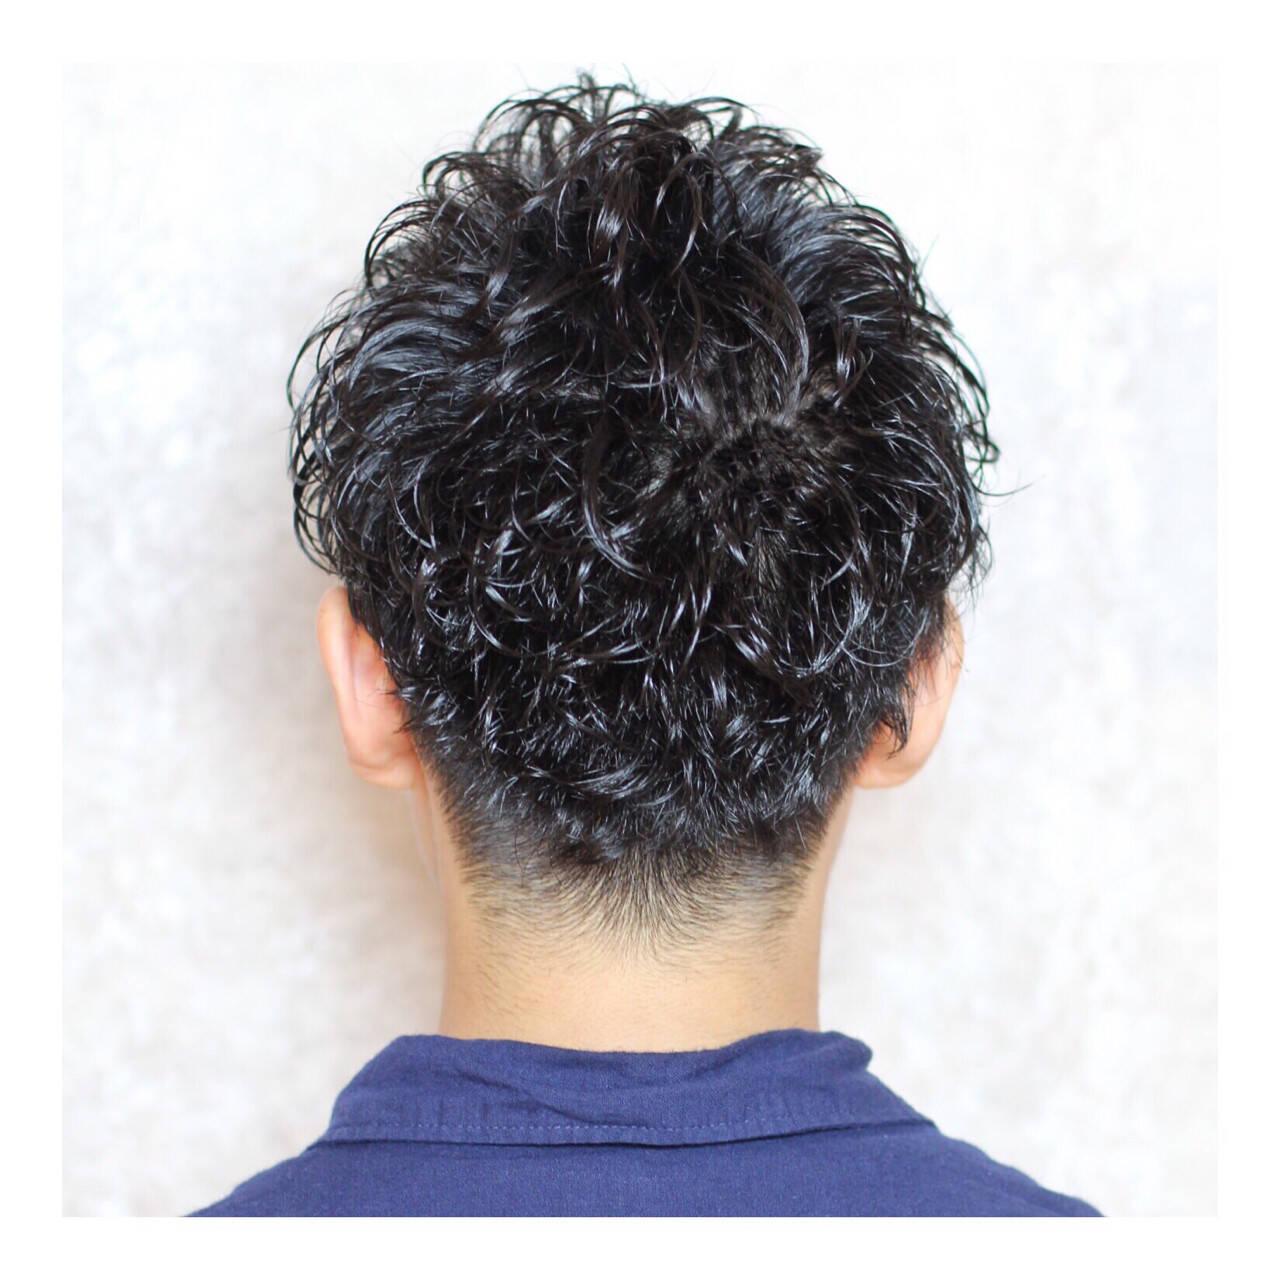 ショート ナチュラル 刈り上げ パーマヘアスタイルや髪型の写真・画像